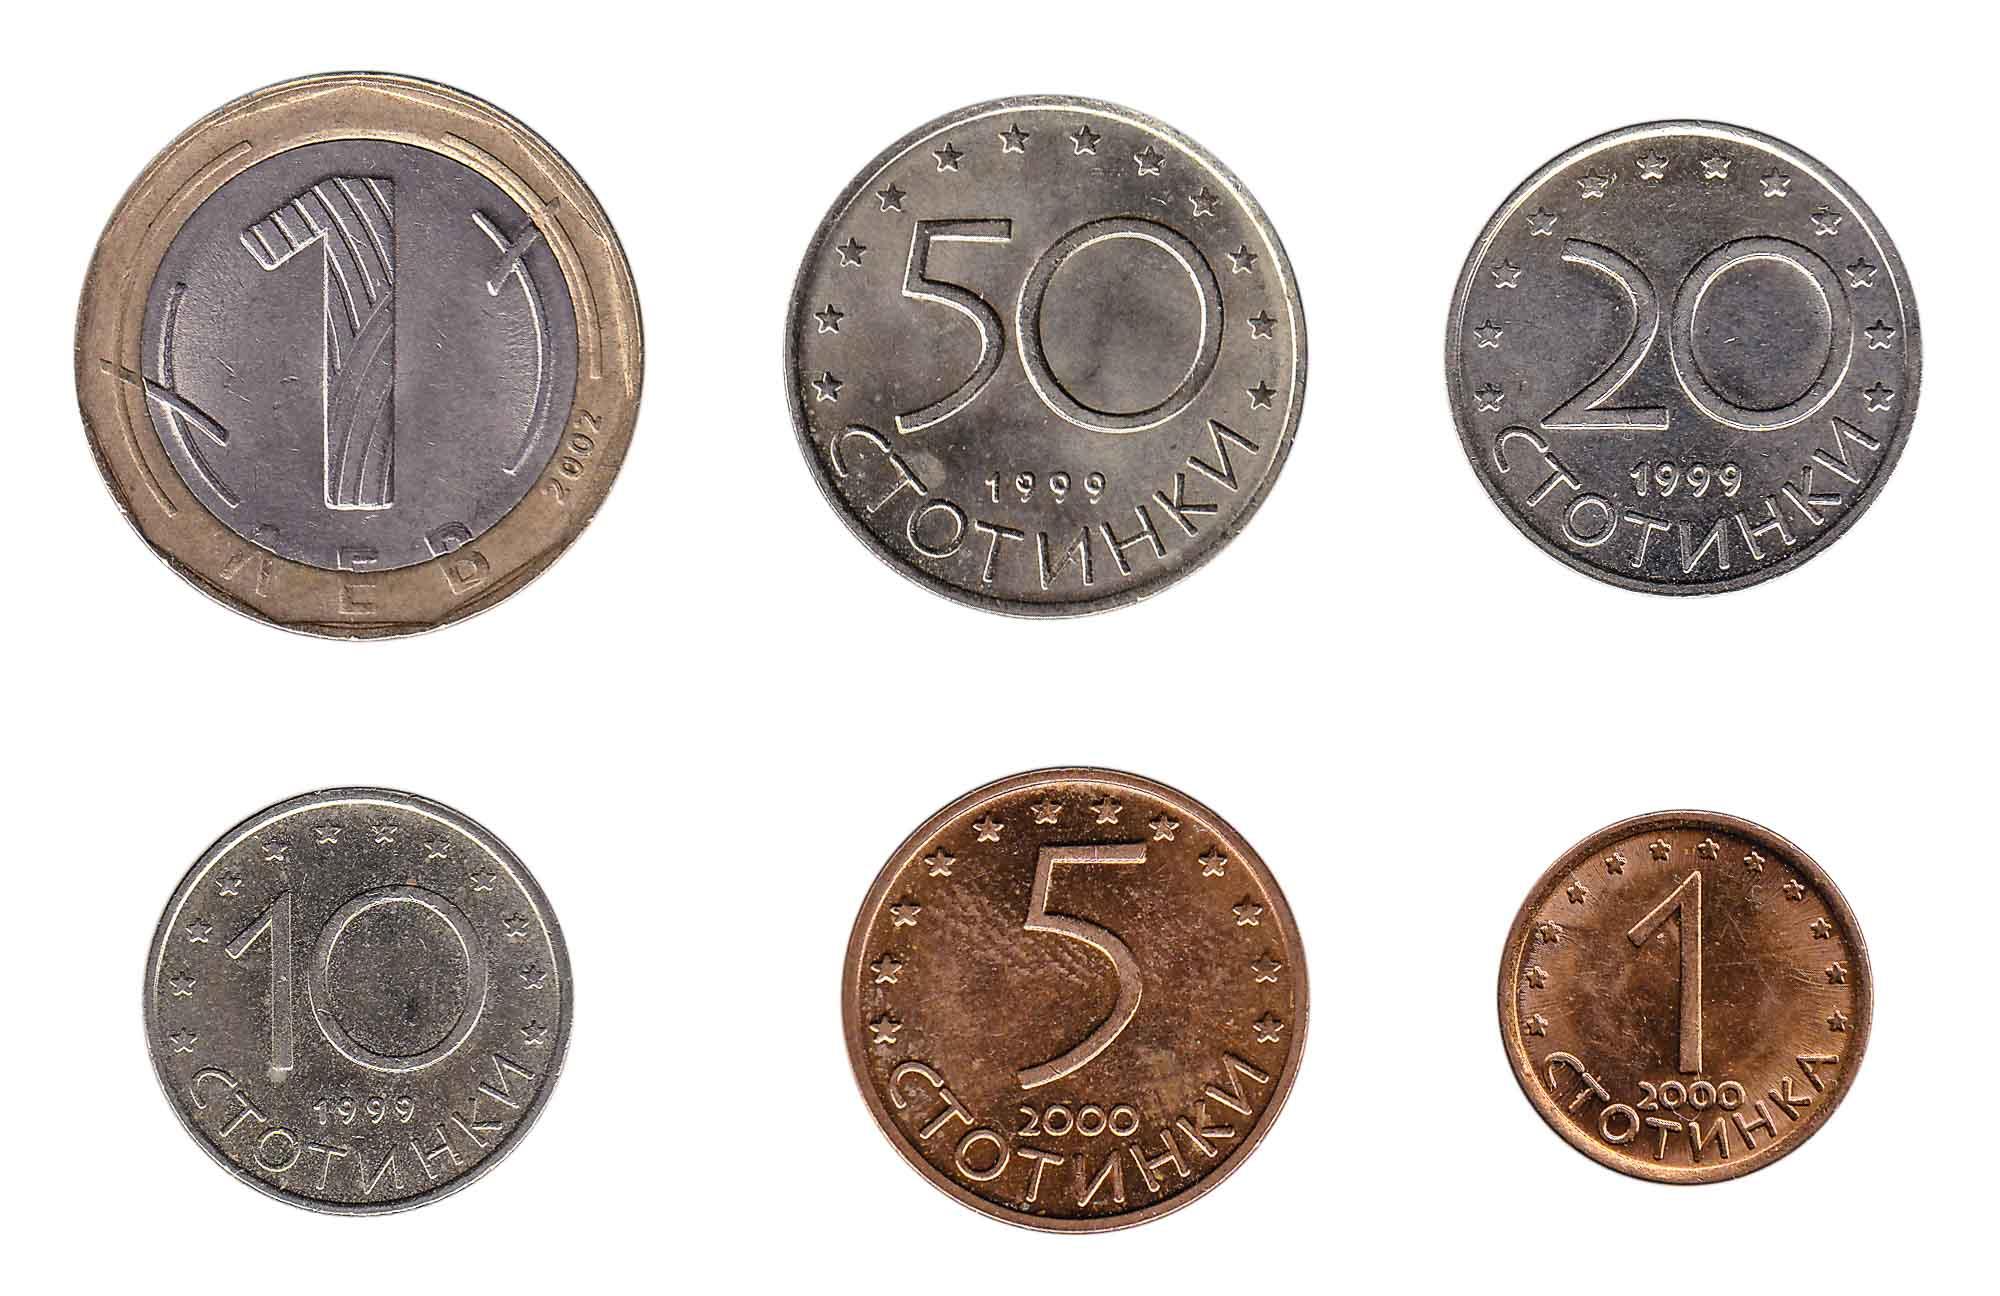 Bulgarian lev coins